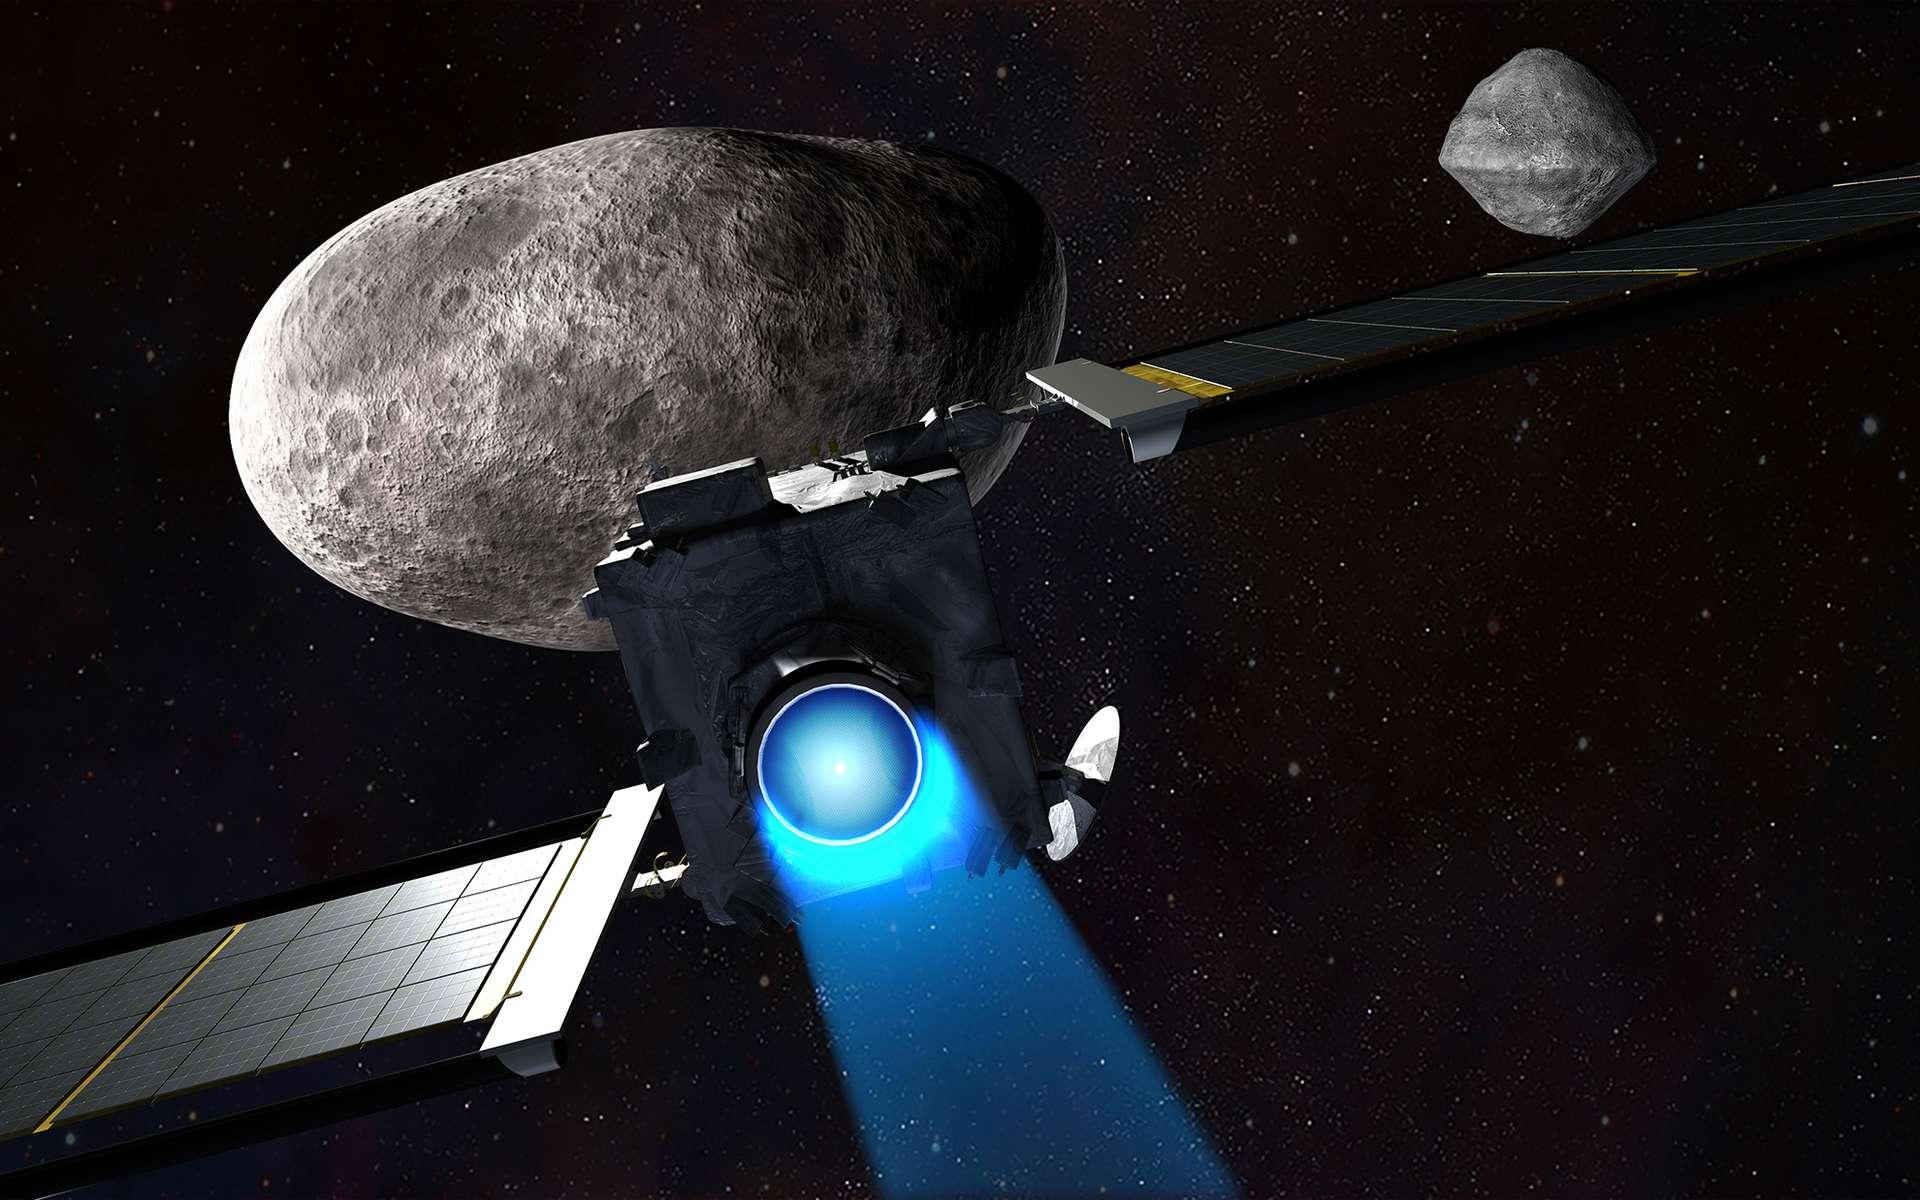 Le satellite Dart fonçant sur Didymoon pour la percuter à la vitesse de 6 kilomètres par seconde dans le but de la dévier de sa trajectoire. © Nasa